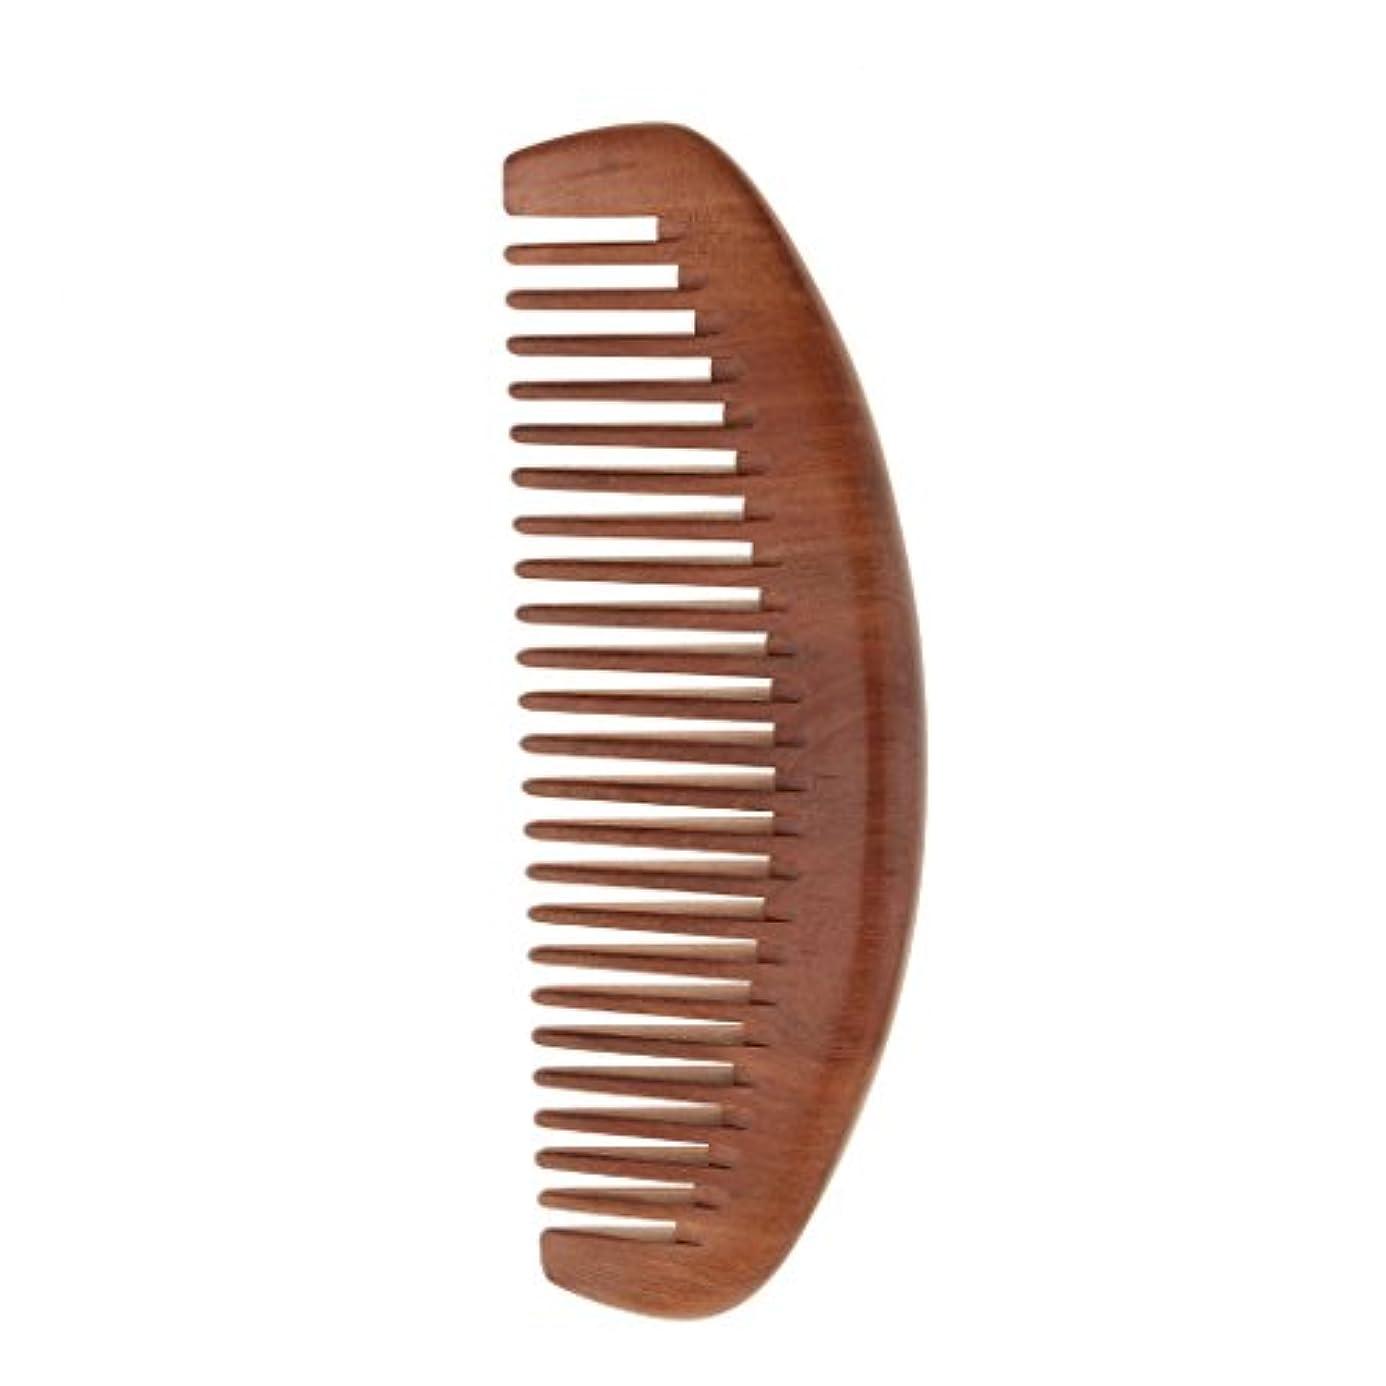 観察するバングラデシュ器具櫛 セットコーム 木製 ヘアコーム ヘアケア 頭皮マッサージ 静電気防止 桃の木 全2種類 - ワイド歯